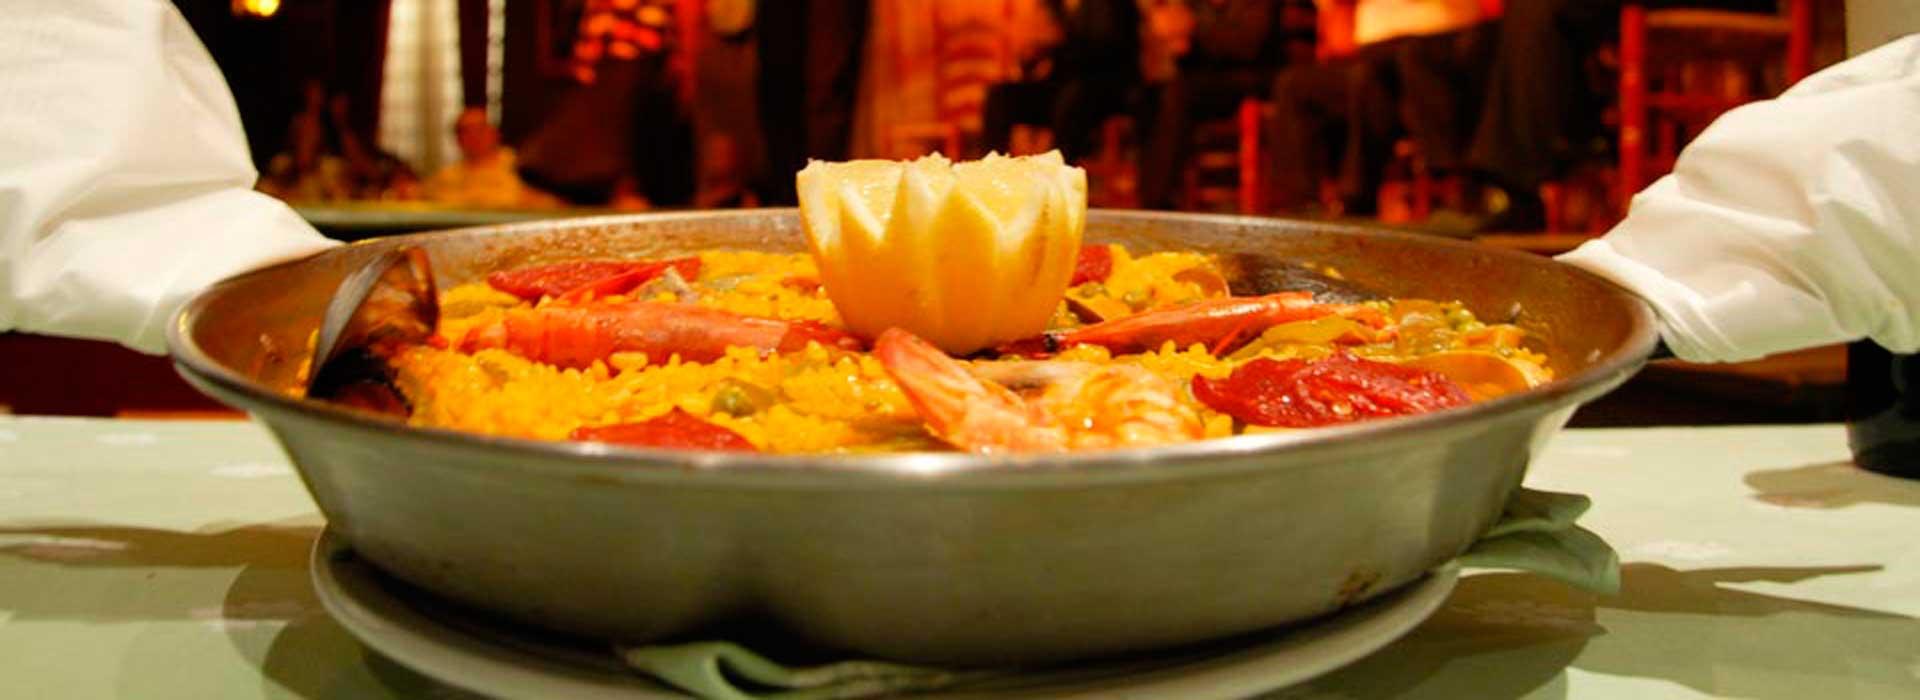 Paella en Café de Chinitas